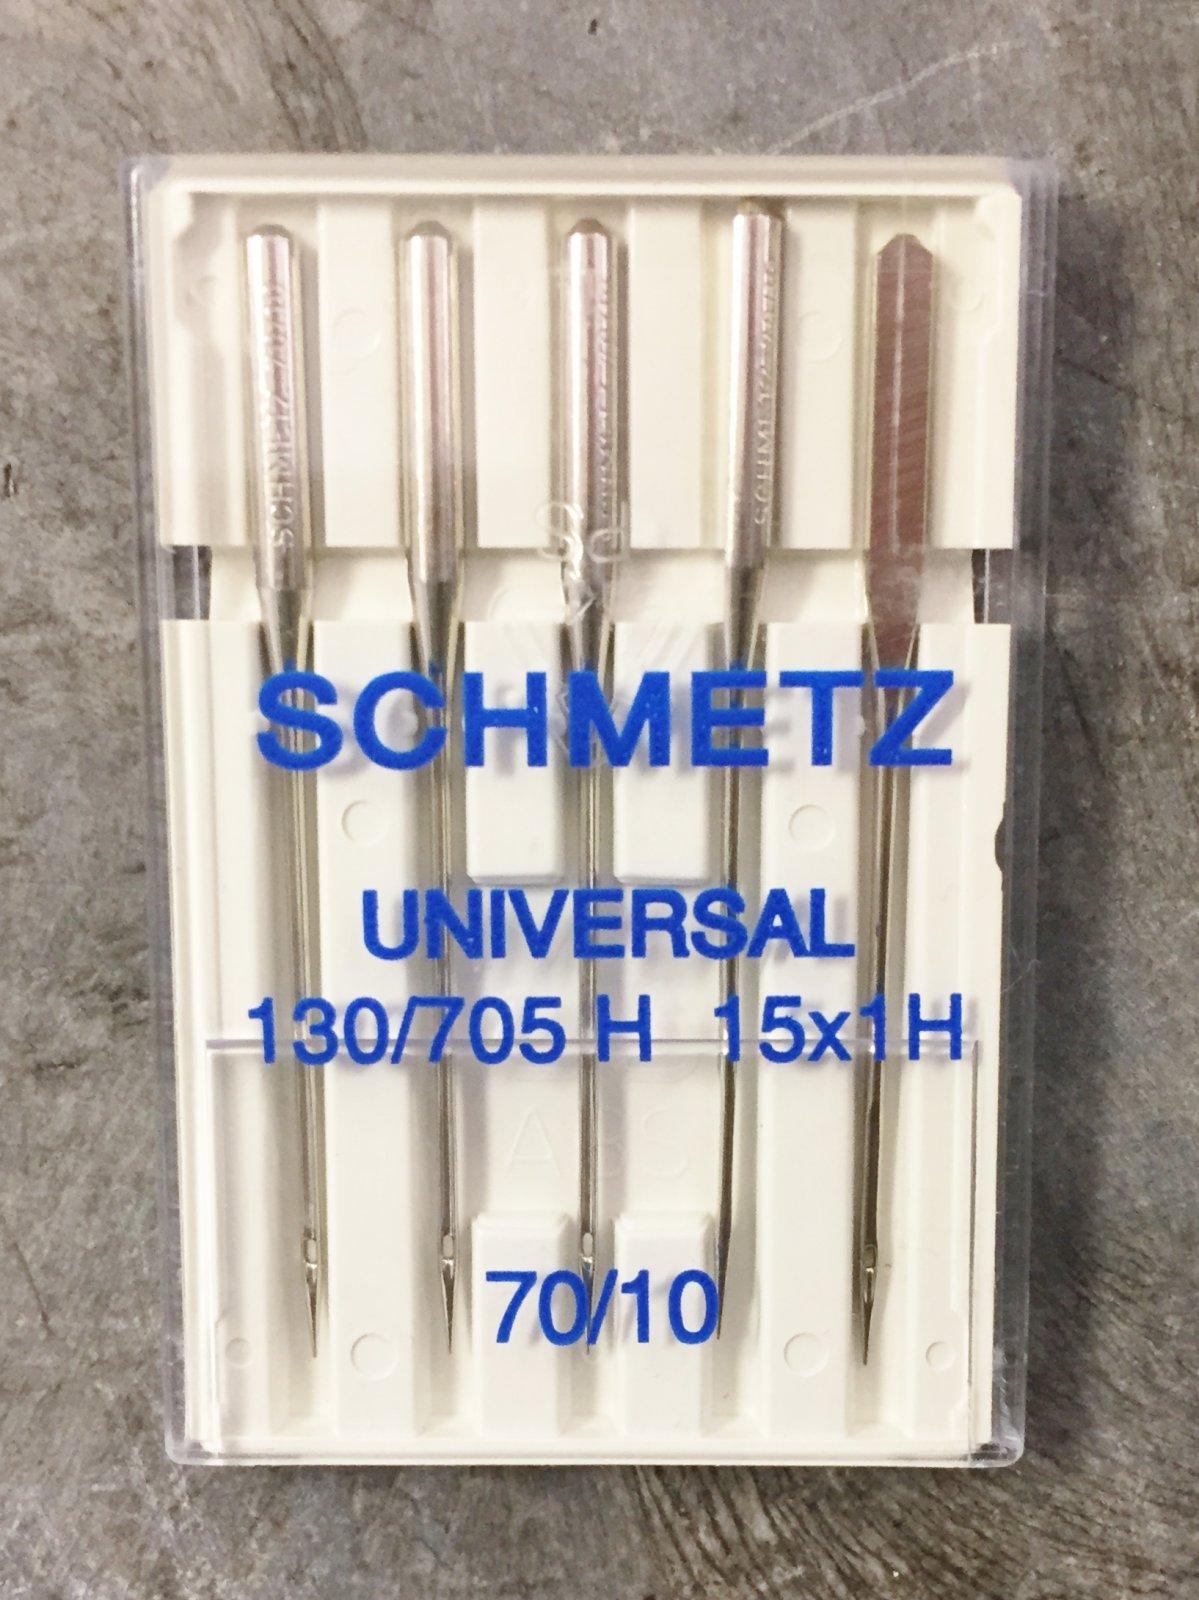 70/10 UNIVERSAL SCHMETZ